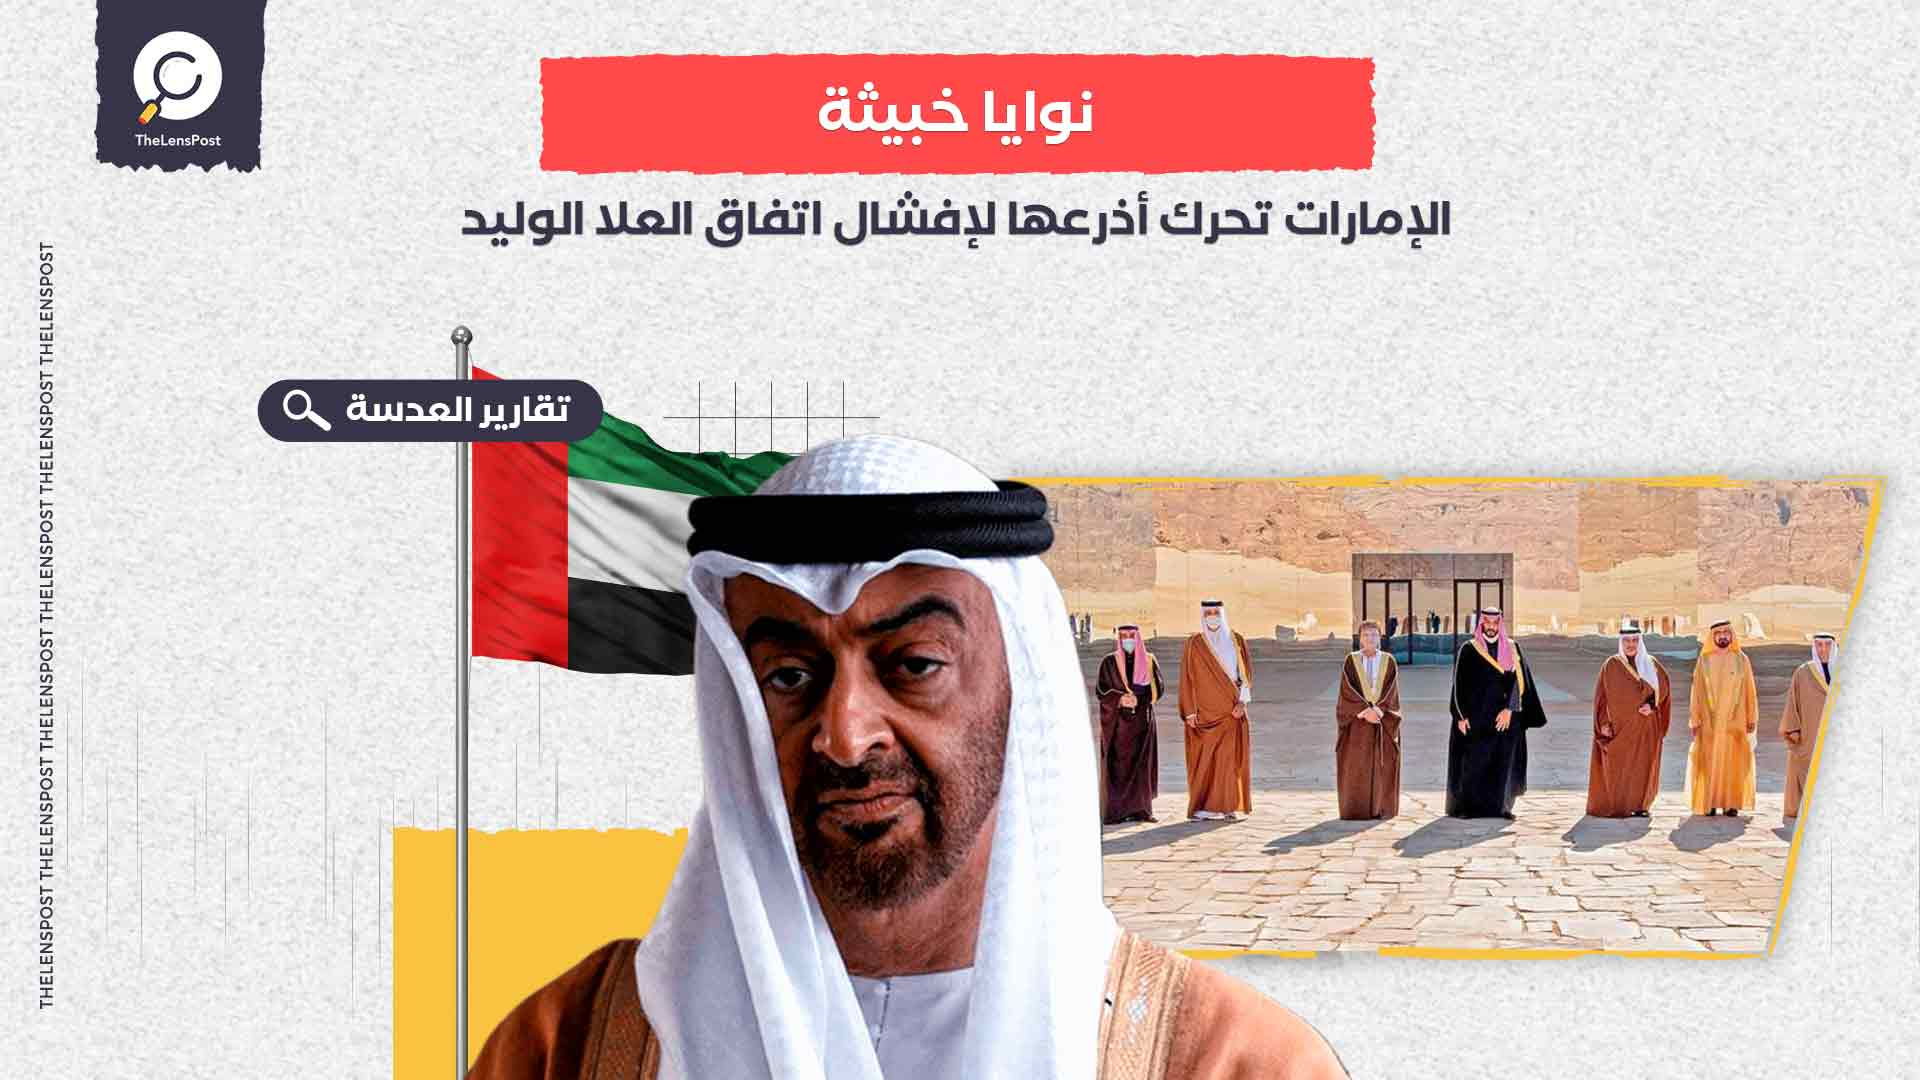 تشكيك بالمصالحة وإساءة لأمير الكويت.. الإمارات تحرك أذرعها لإفشال اتفاق العلا الوليد